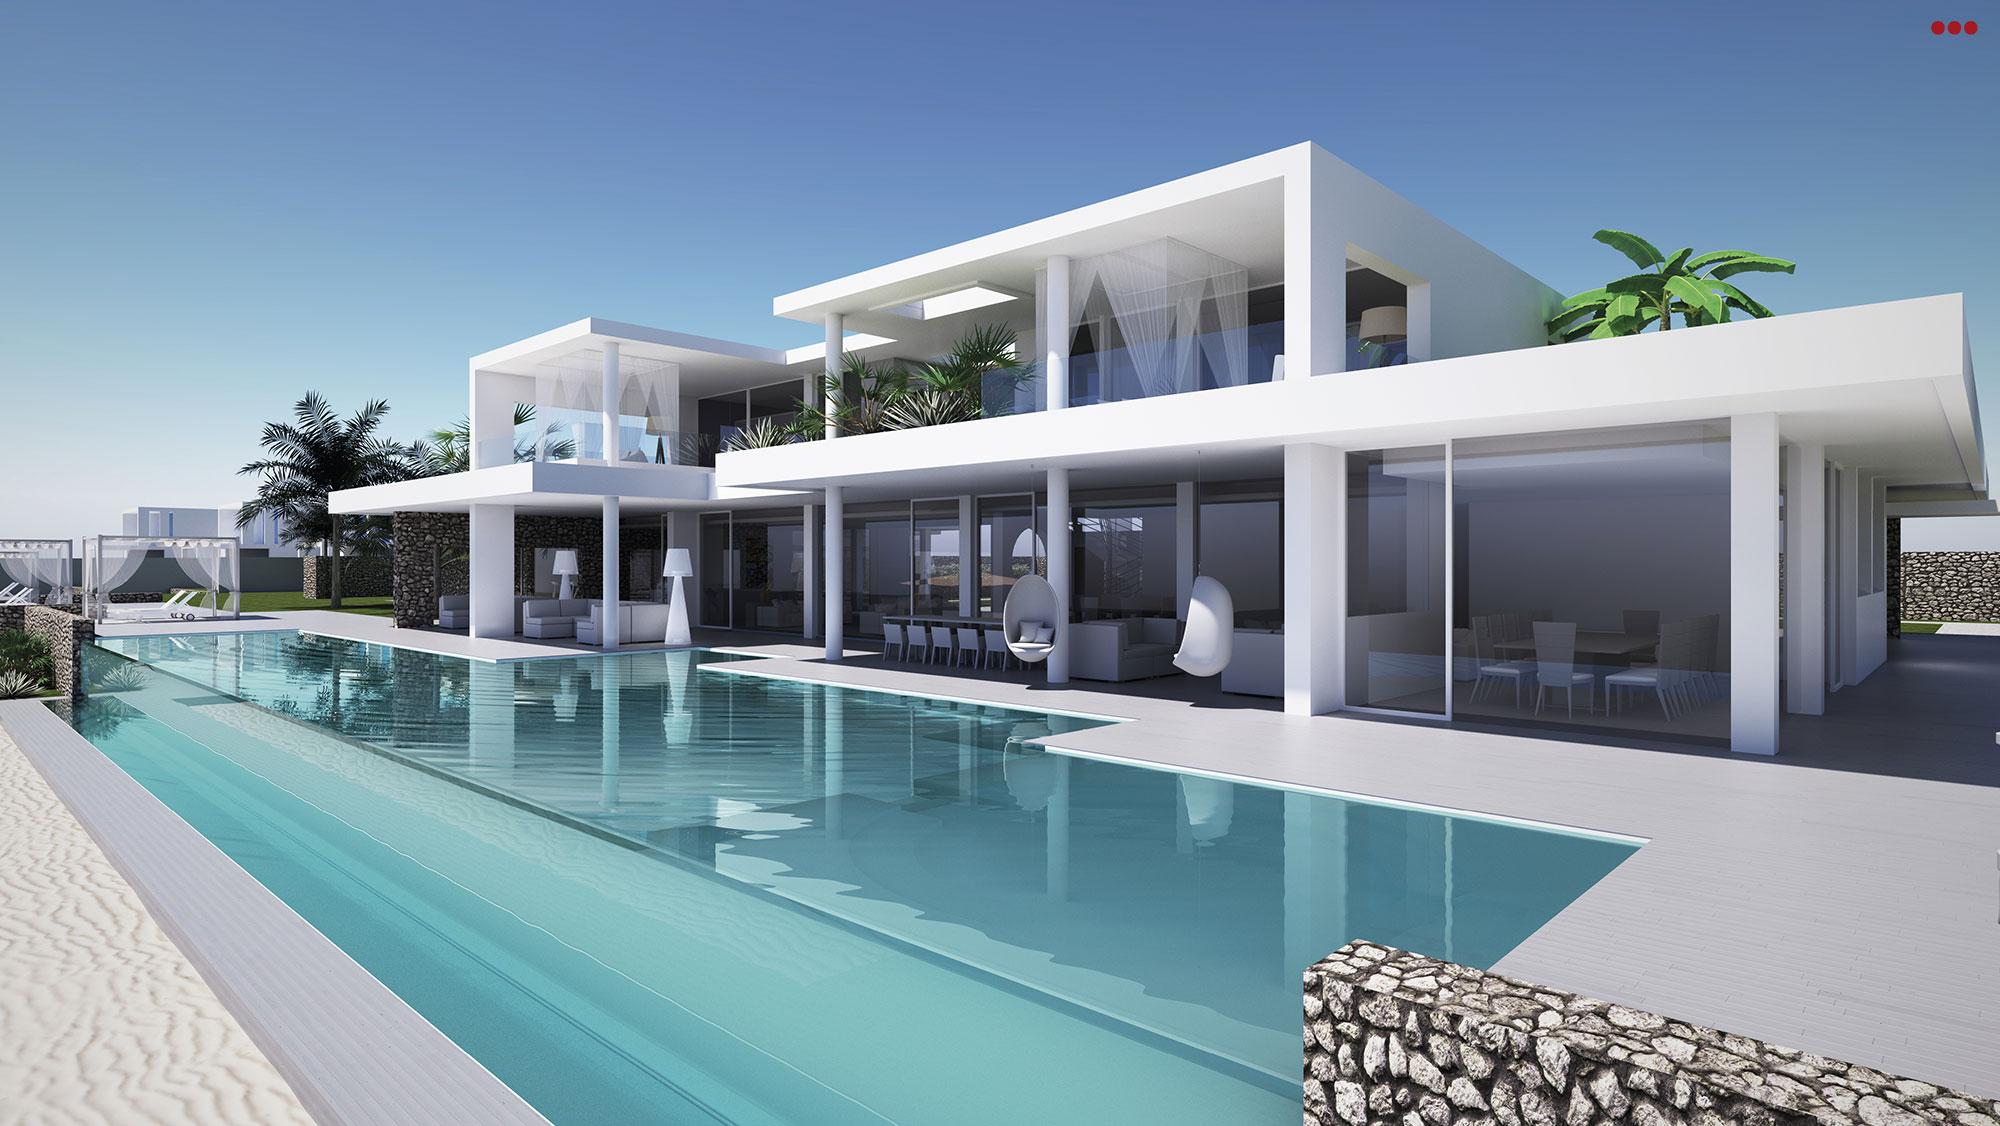 Villa pemba 3d studio bartolini grafica e rendering 3d for Interni architettura